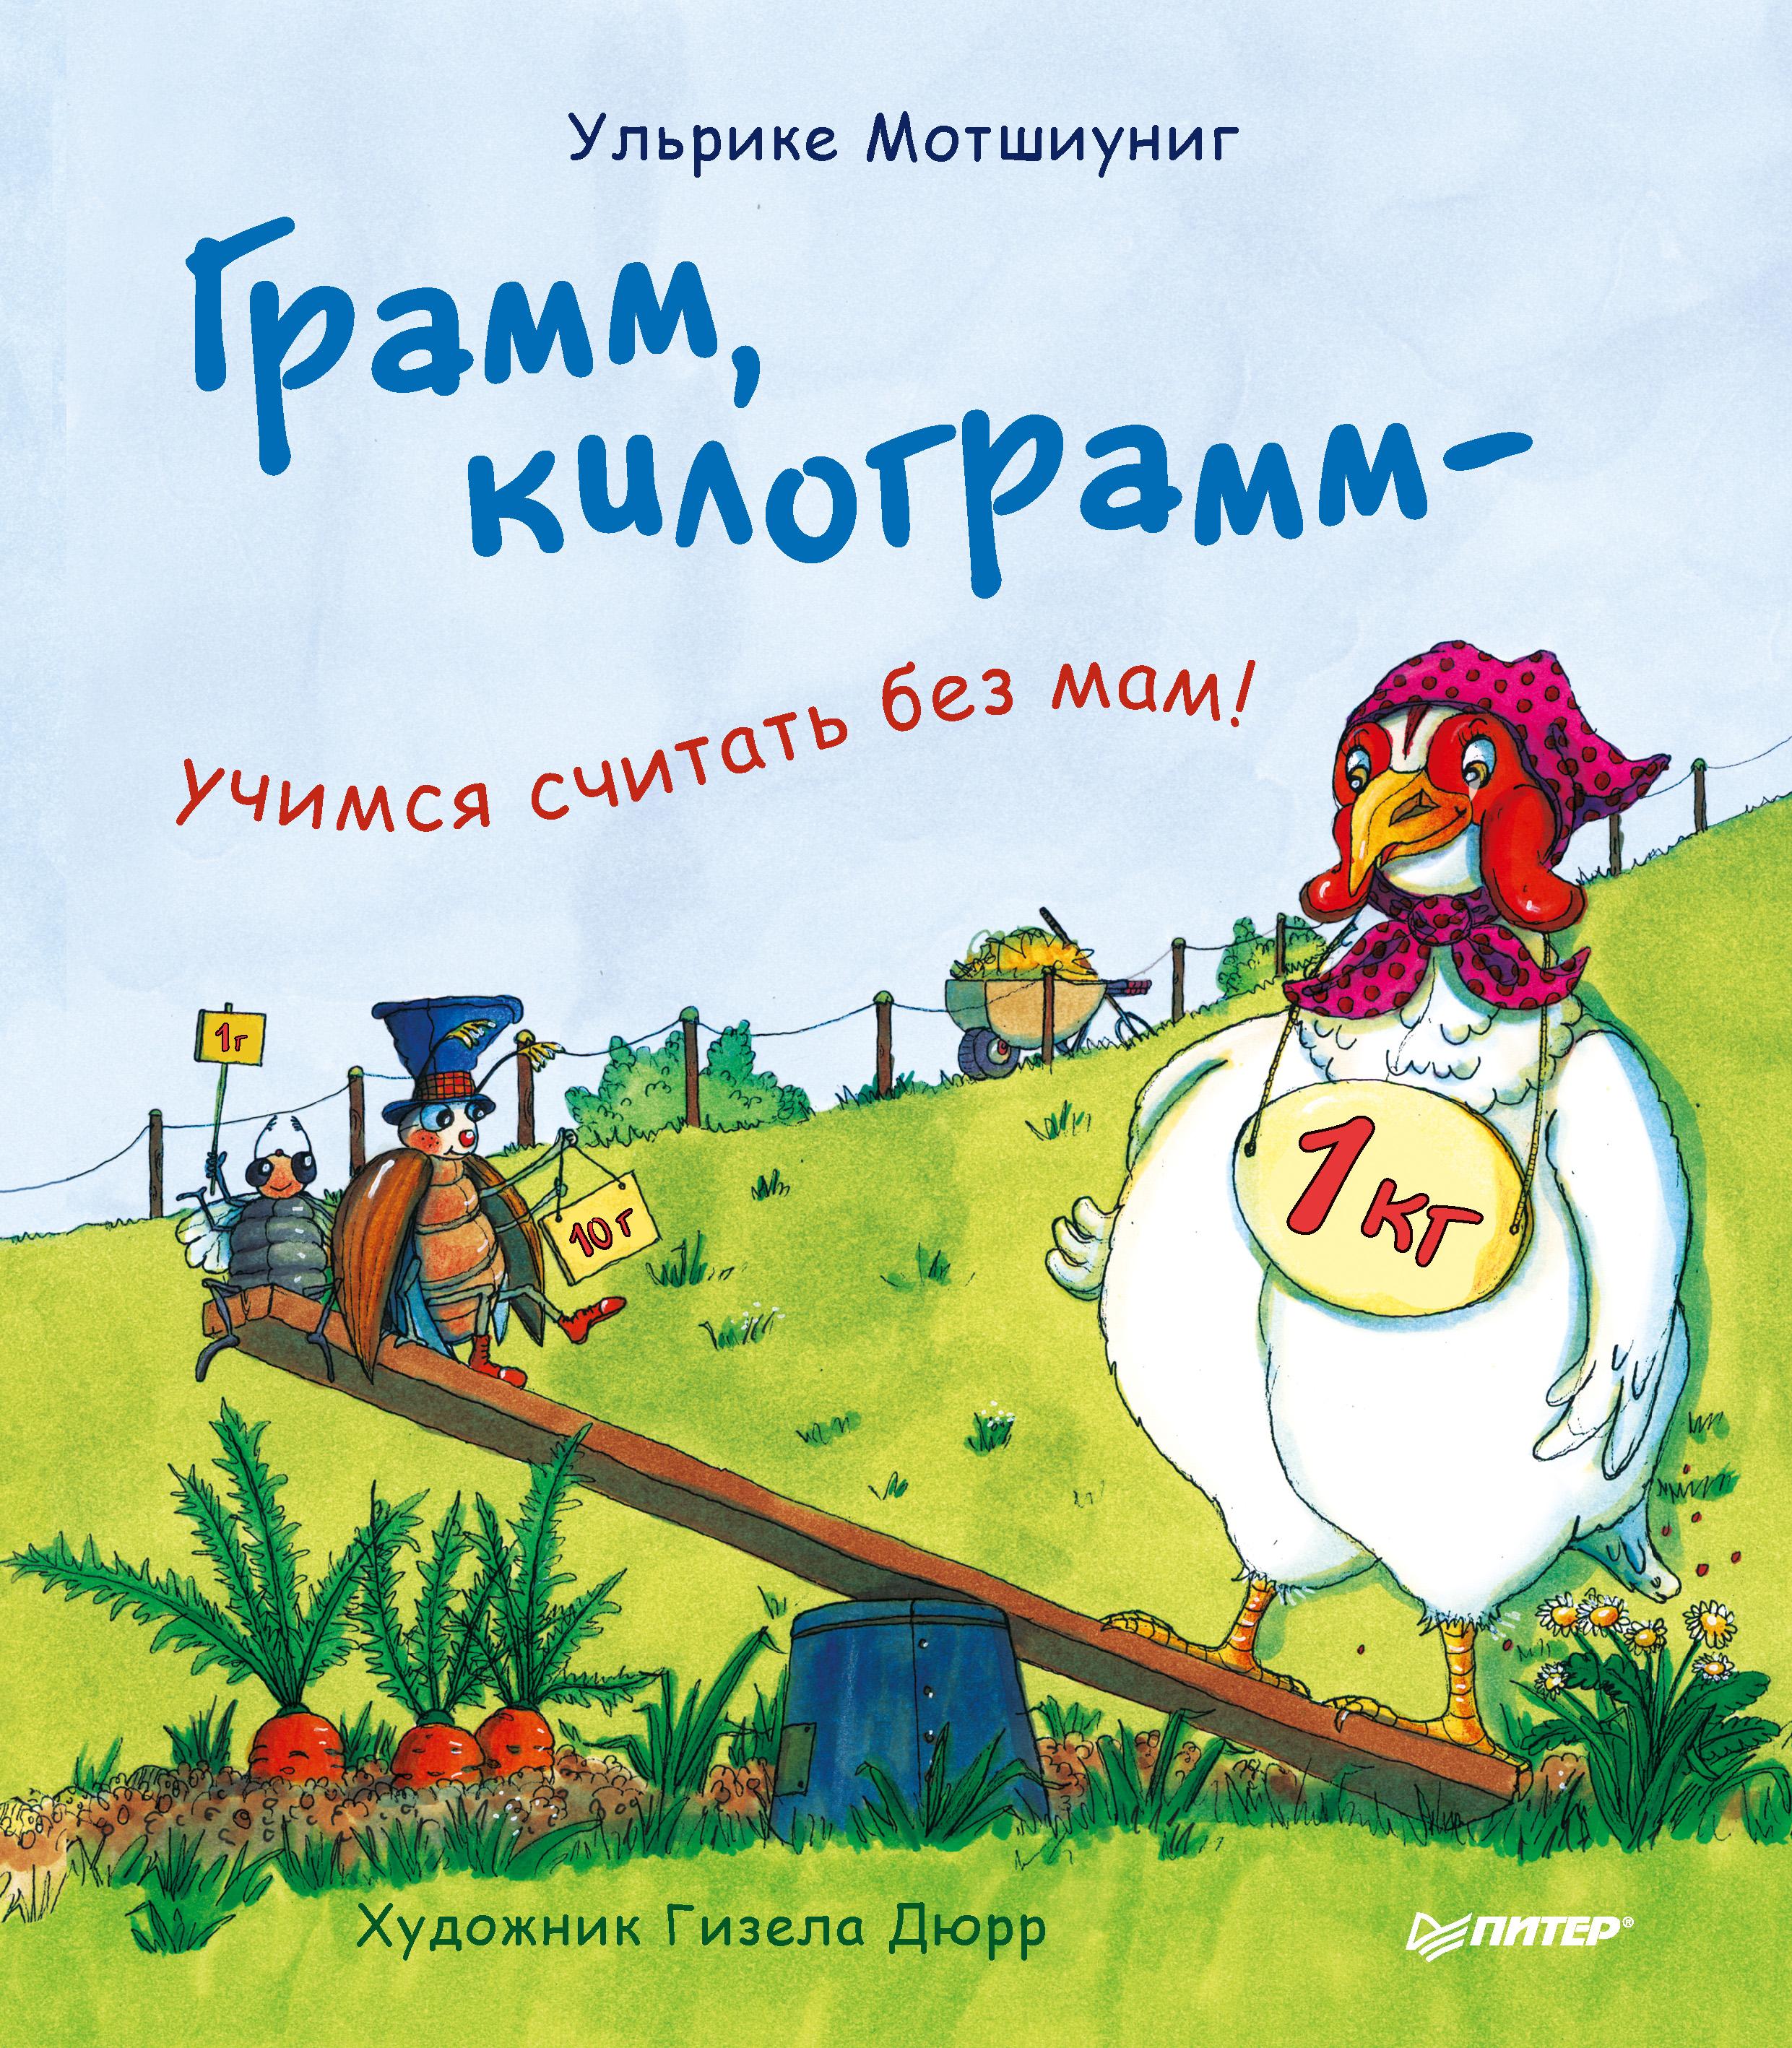 Ульрике Мотшиуниг Грамм, килограмм – учимся считать без мам! ульрике мотшиуниг капли в литре посчитай – про объёмы всё узнай